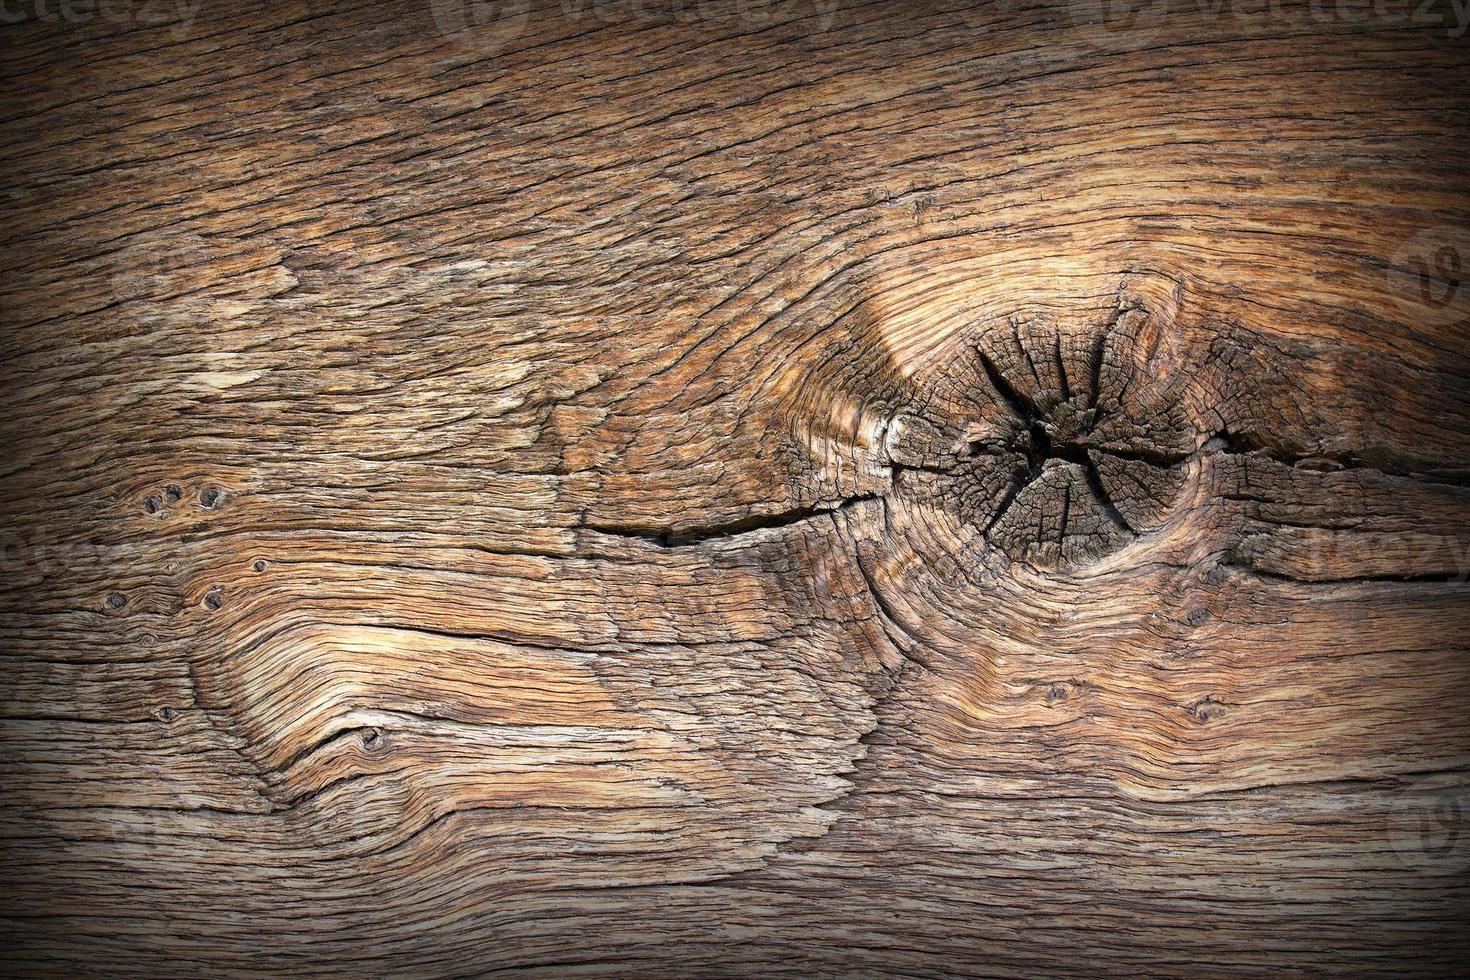 nodo su tavola di legno antico foto